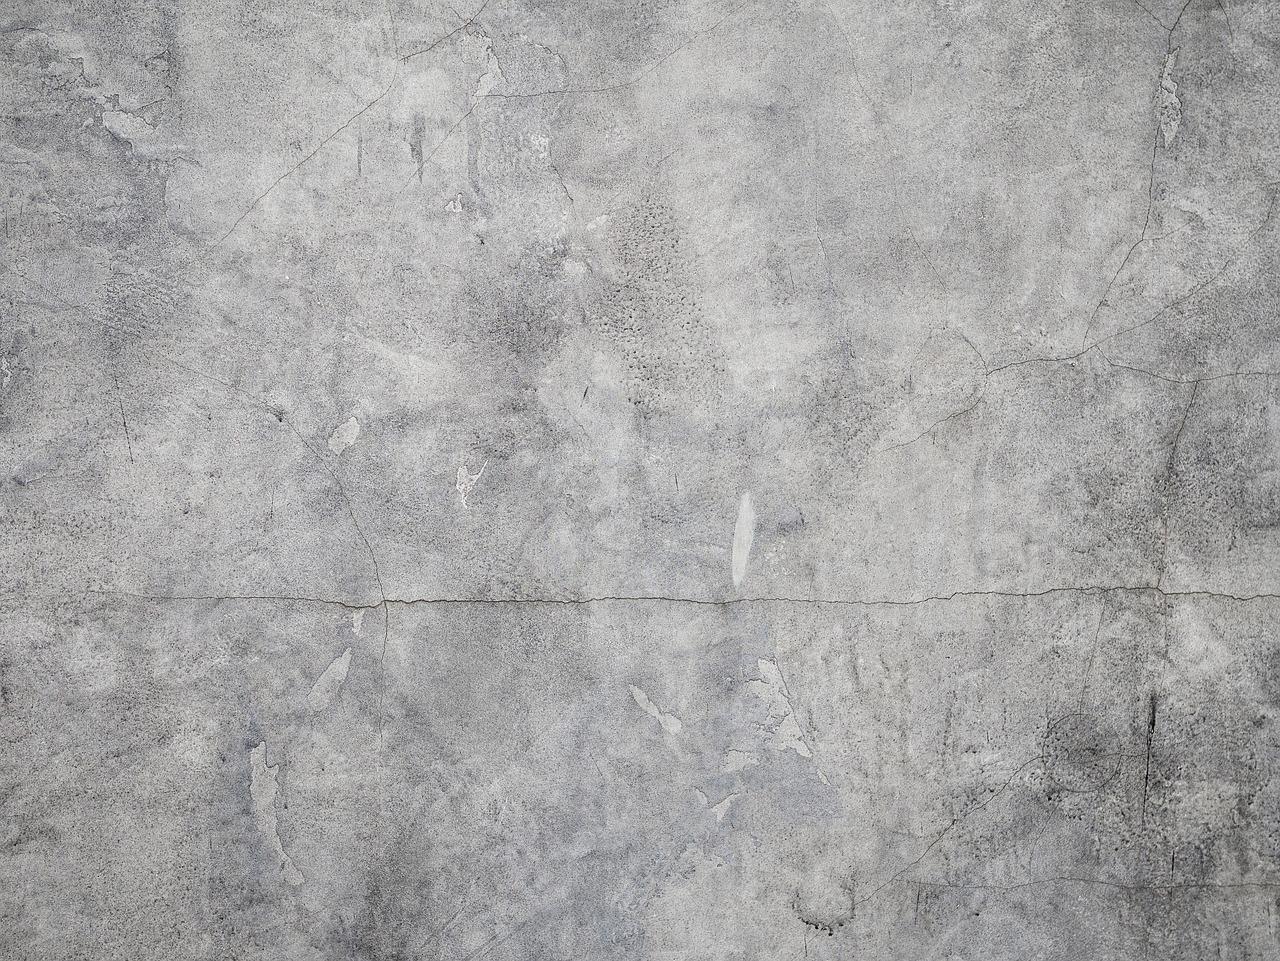 Jak pielęgnować wylewkę betonową?